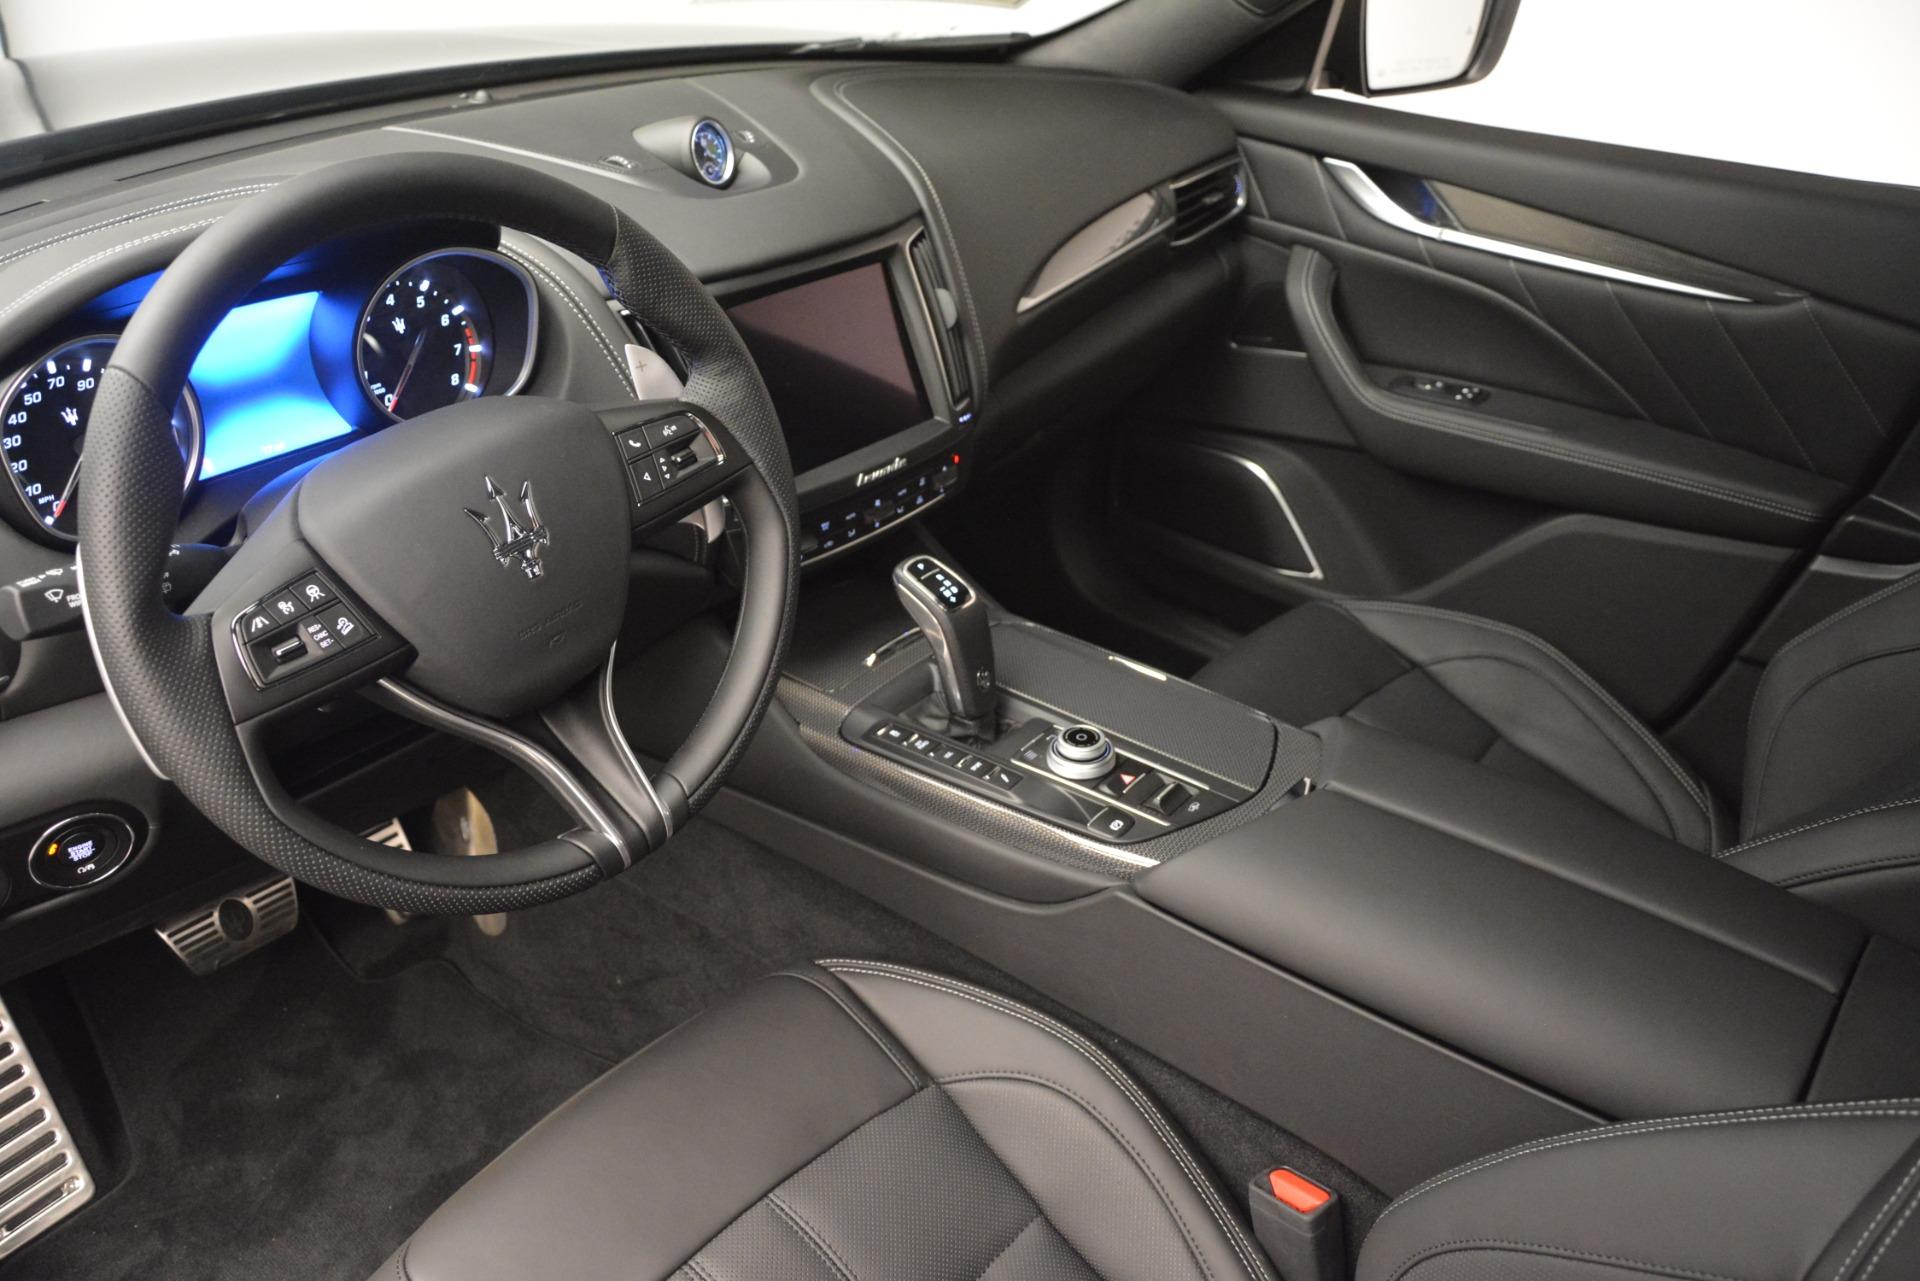 New 2019 Maserati Levante SQ4 GranSport Nerissimo For Sale In Greenwich, CT 3146_p13